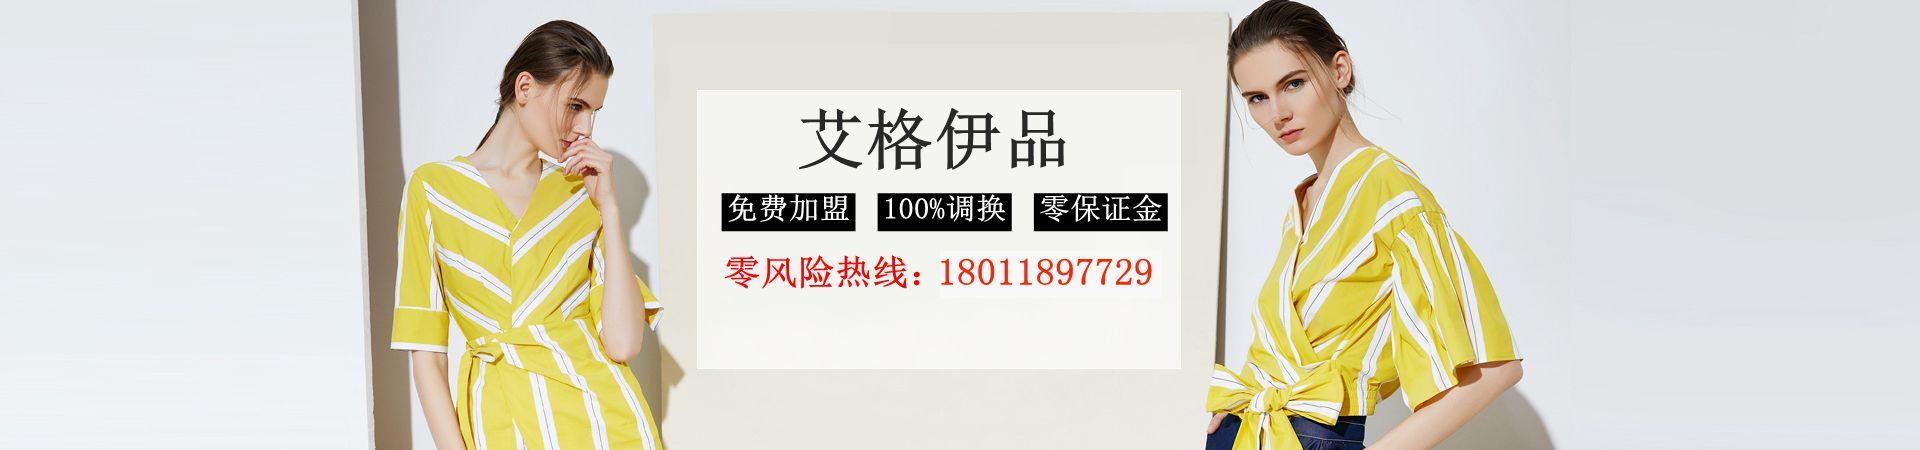 深圳市龙岗区菲惑服饰经营部